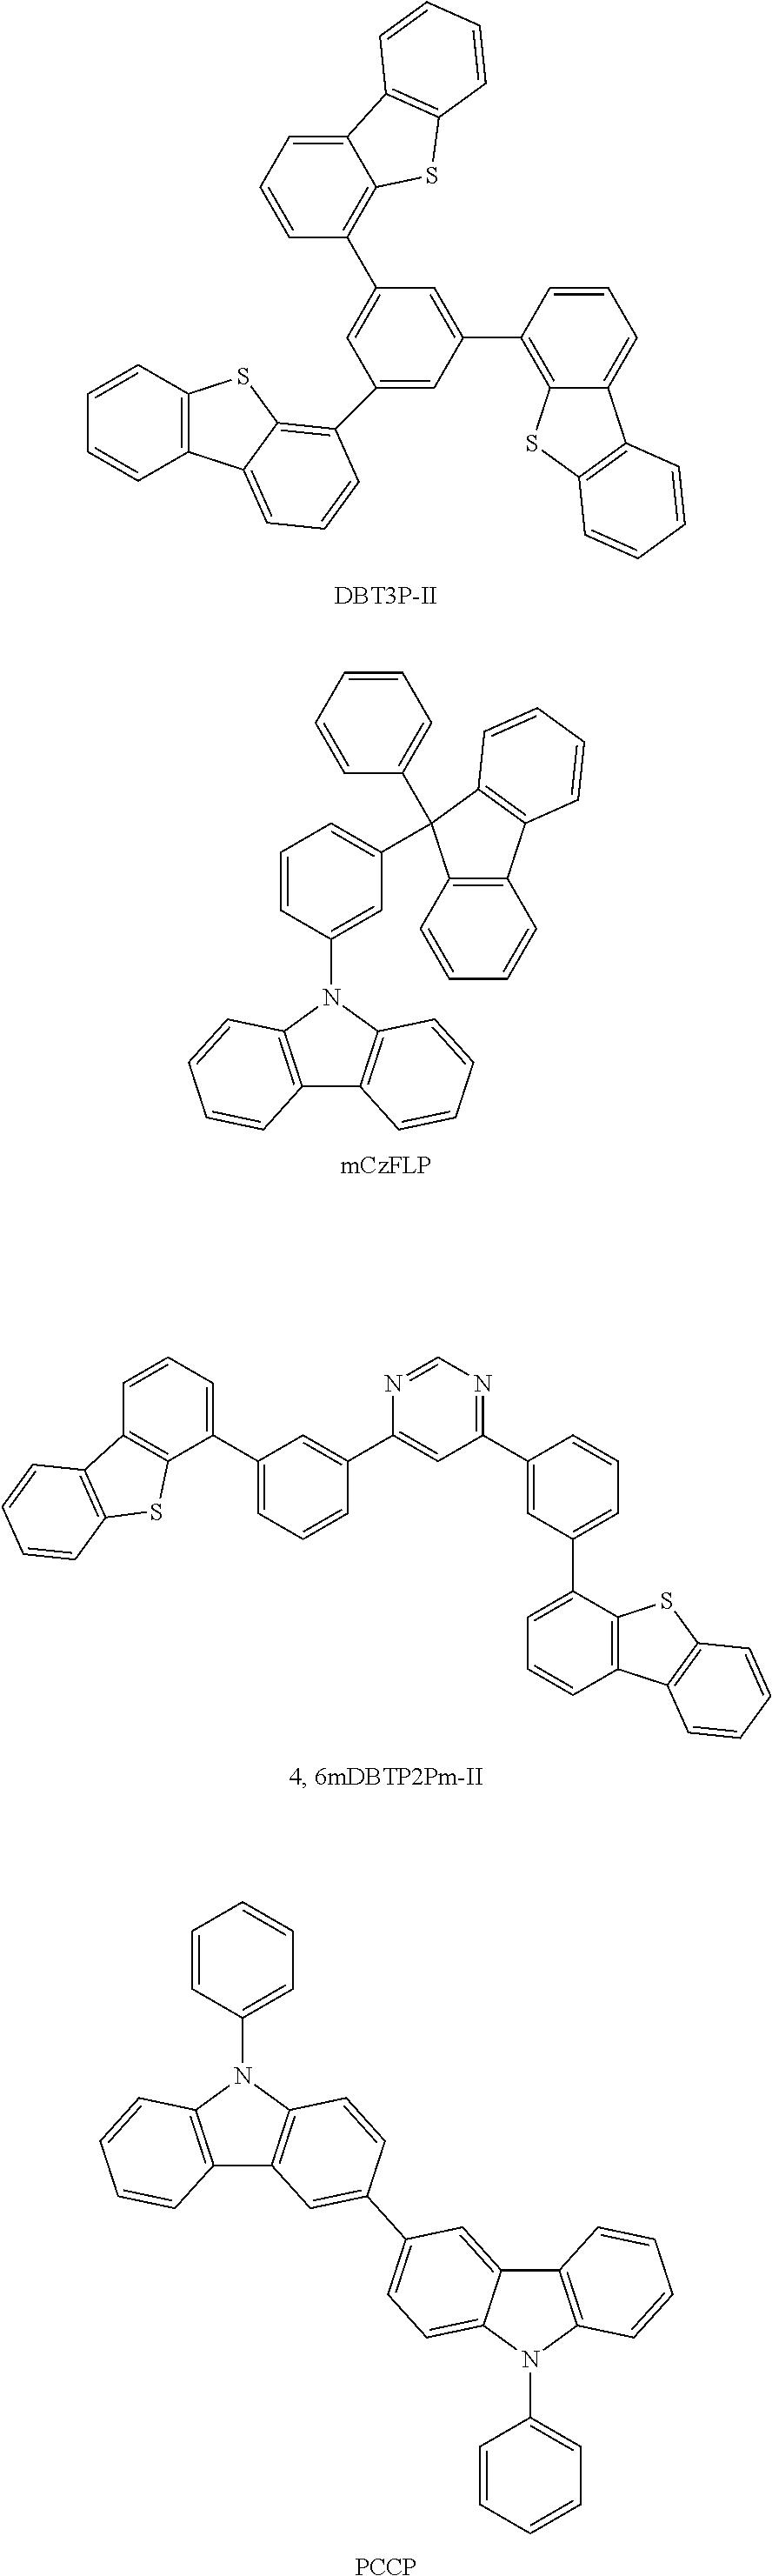 Figure US08889858-20141118-C00043